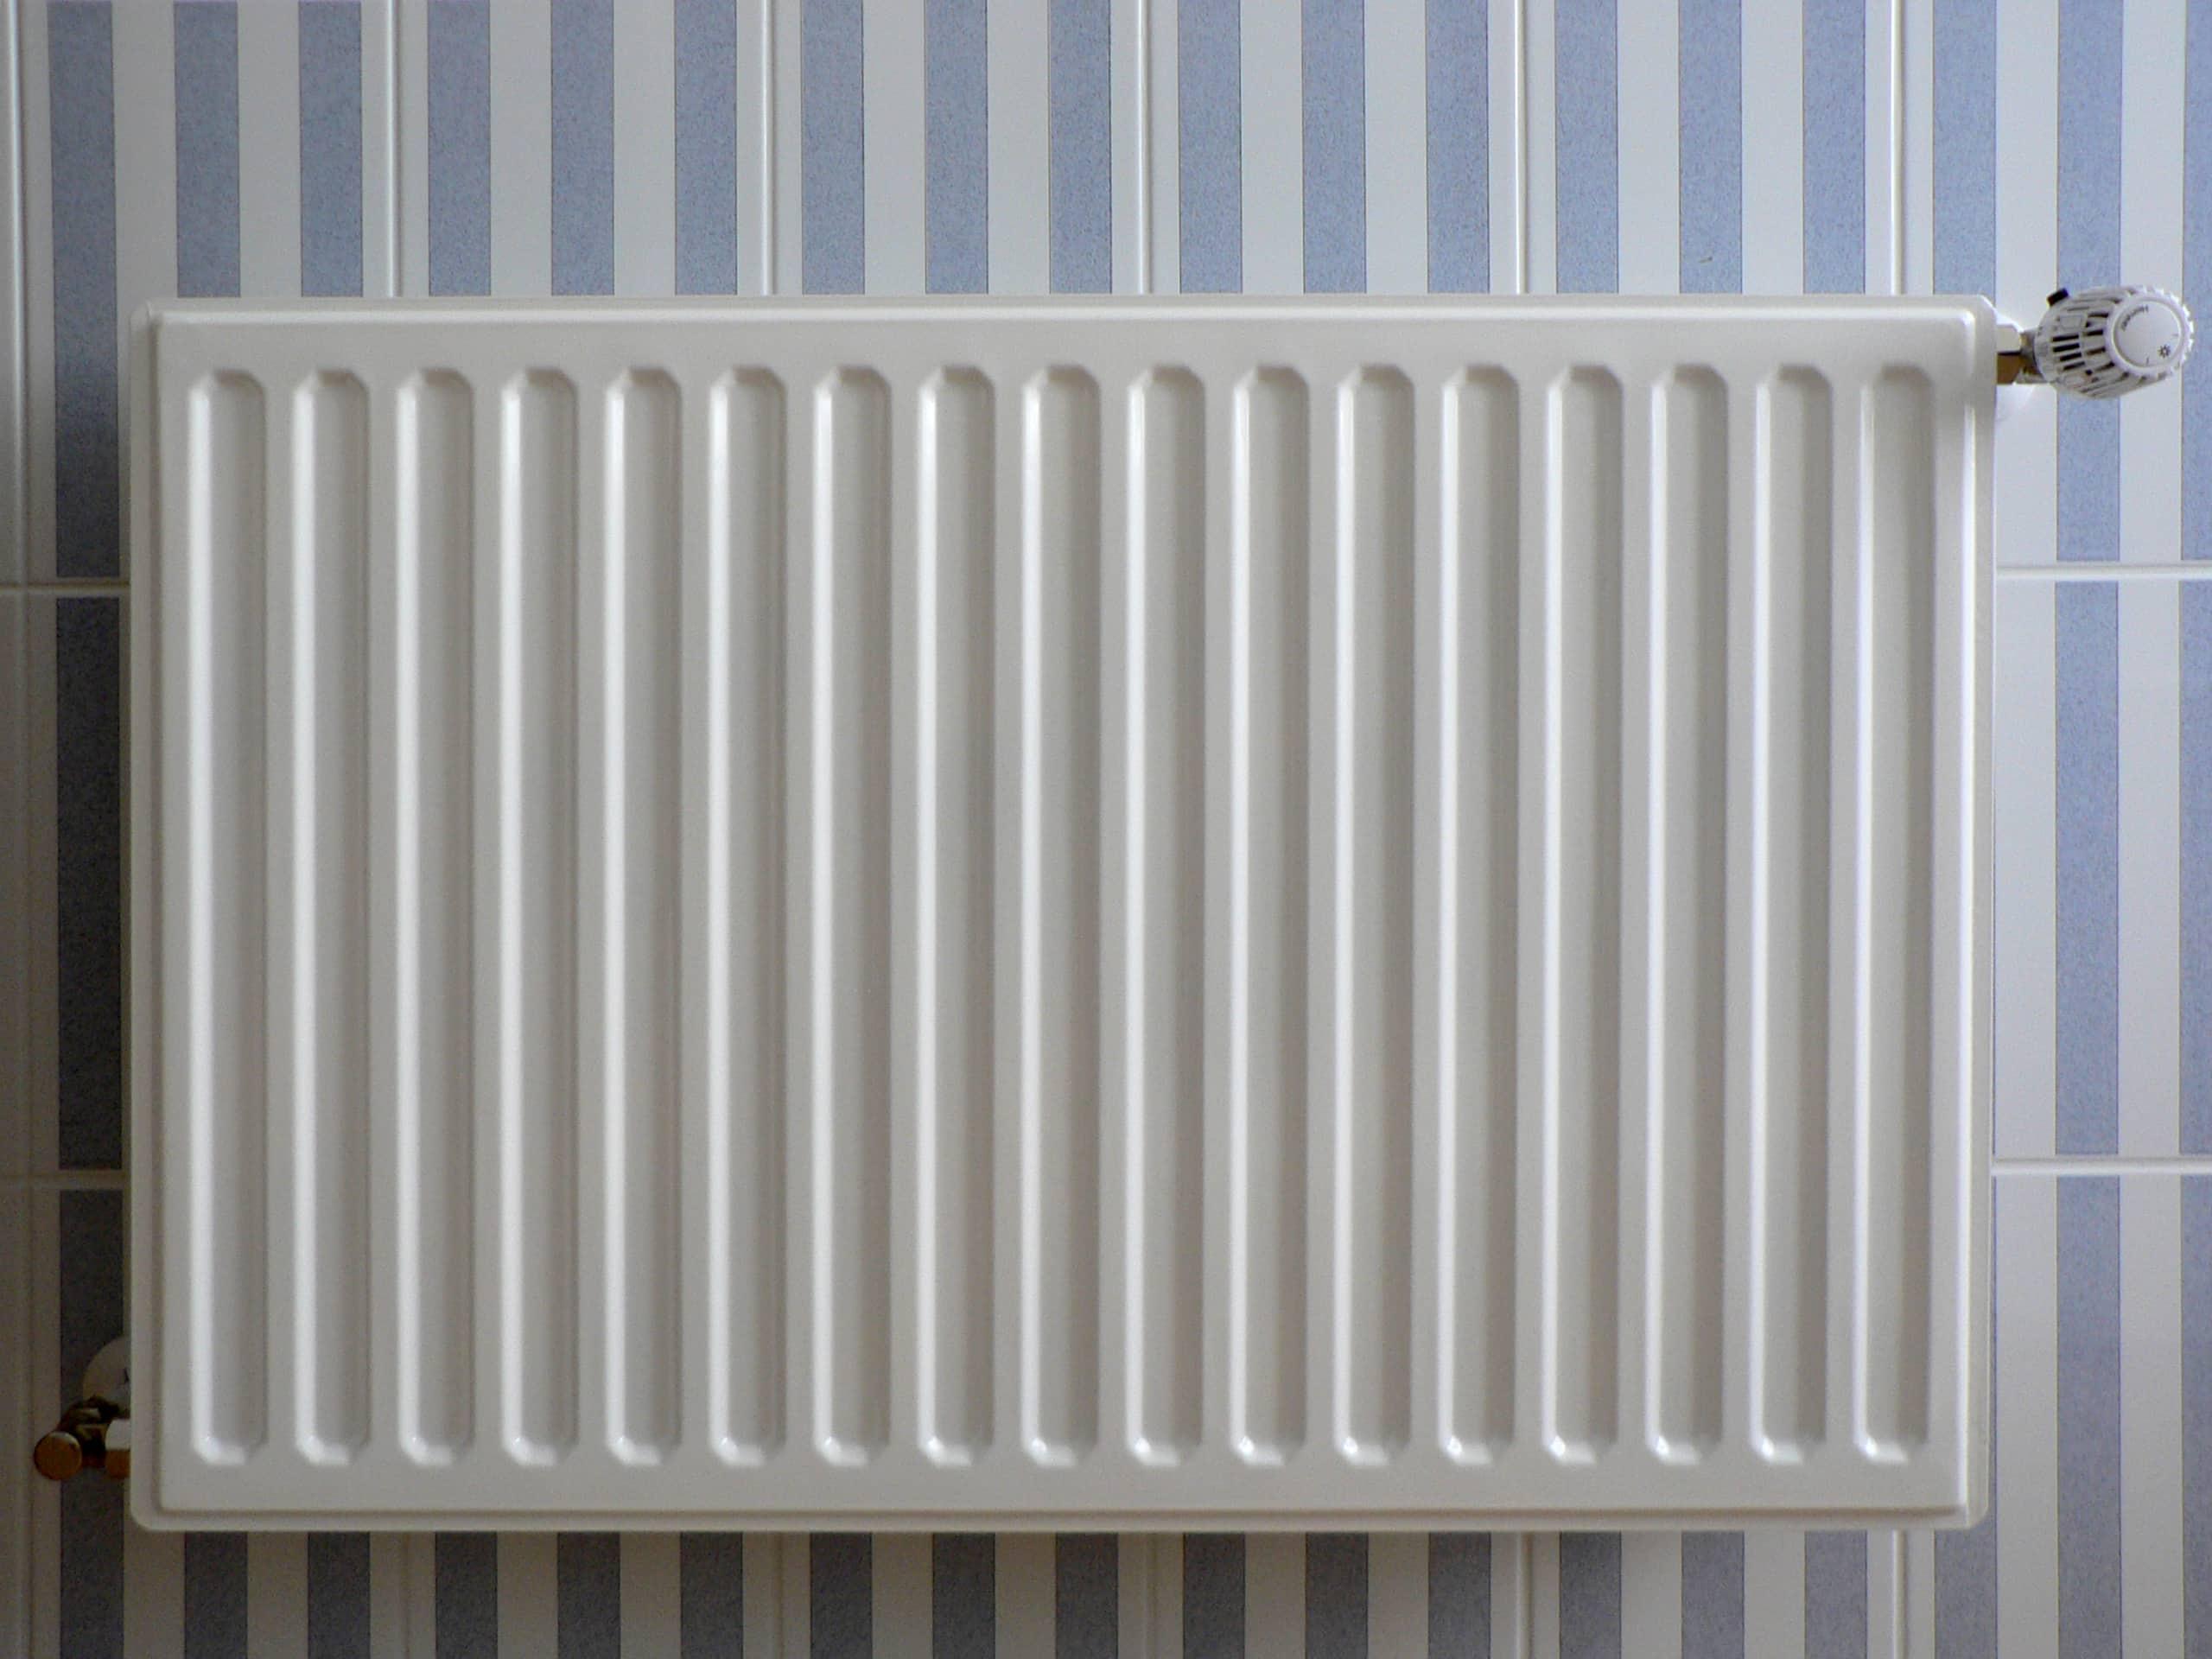 Costo Termosifoni In Ghisa riparazione termosifoni e radiatori a roma - idraulico roma